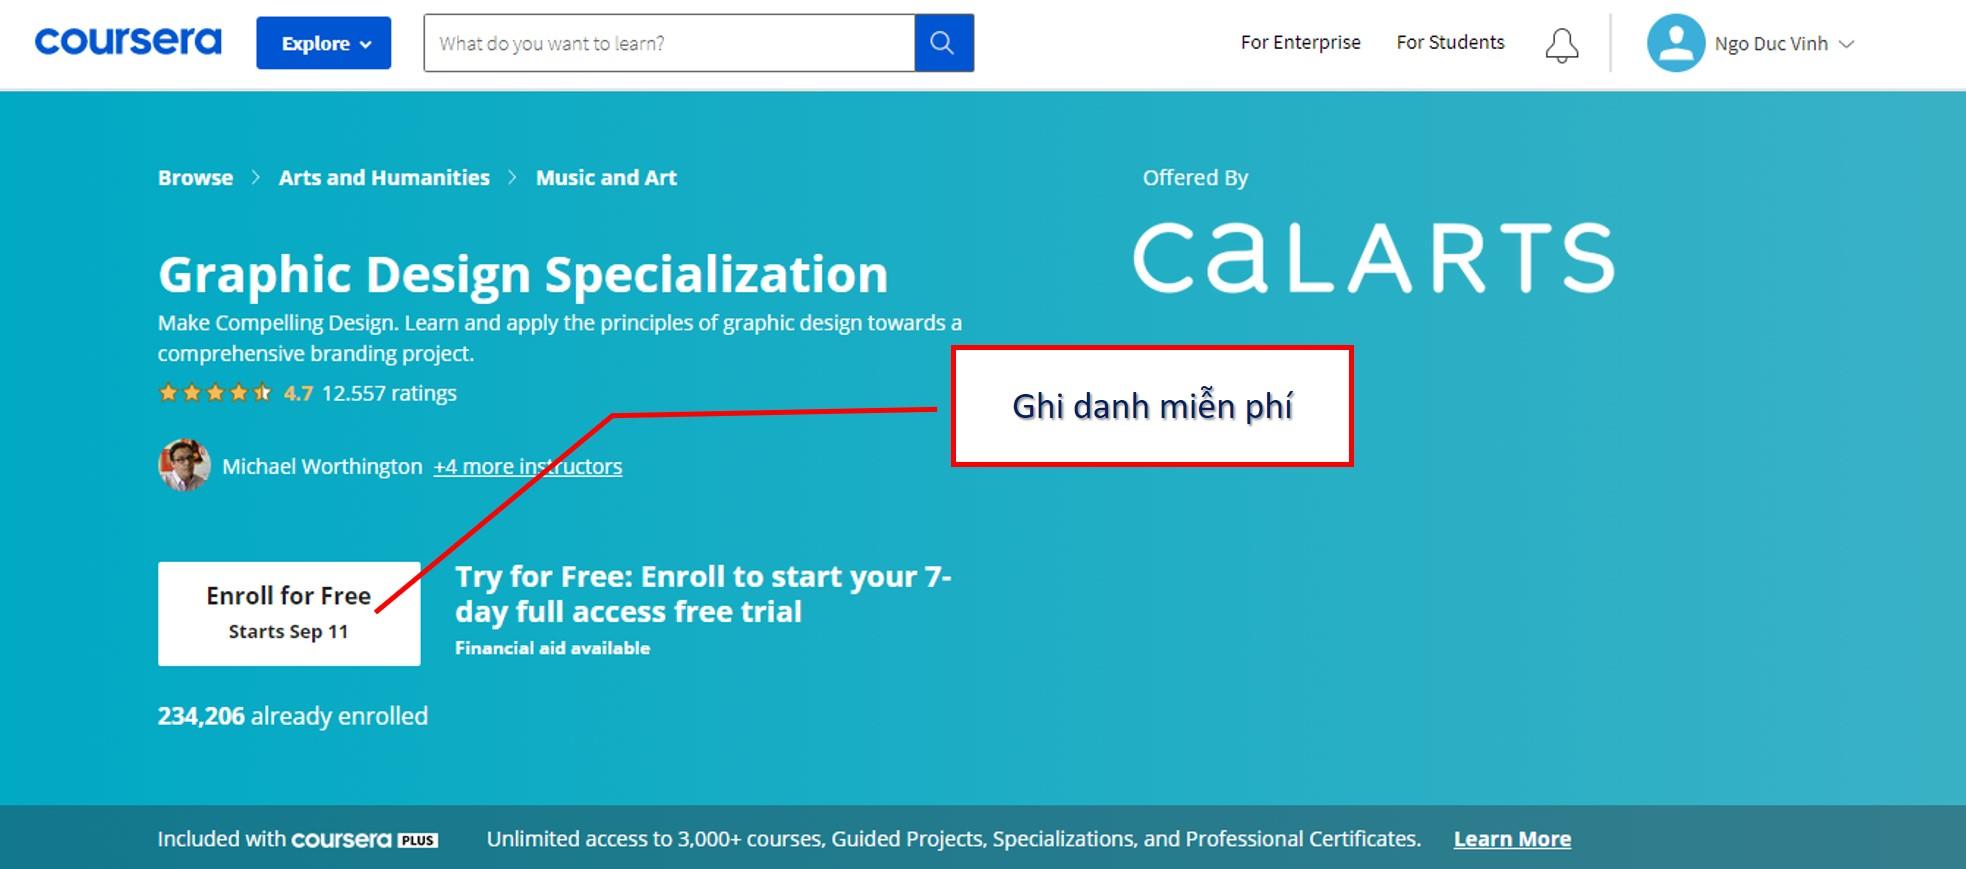 [Coursera] Graphic Design Specialization